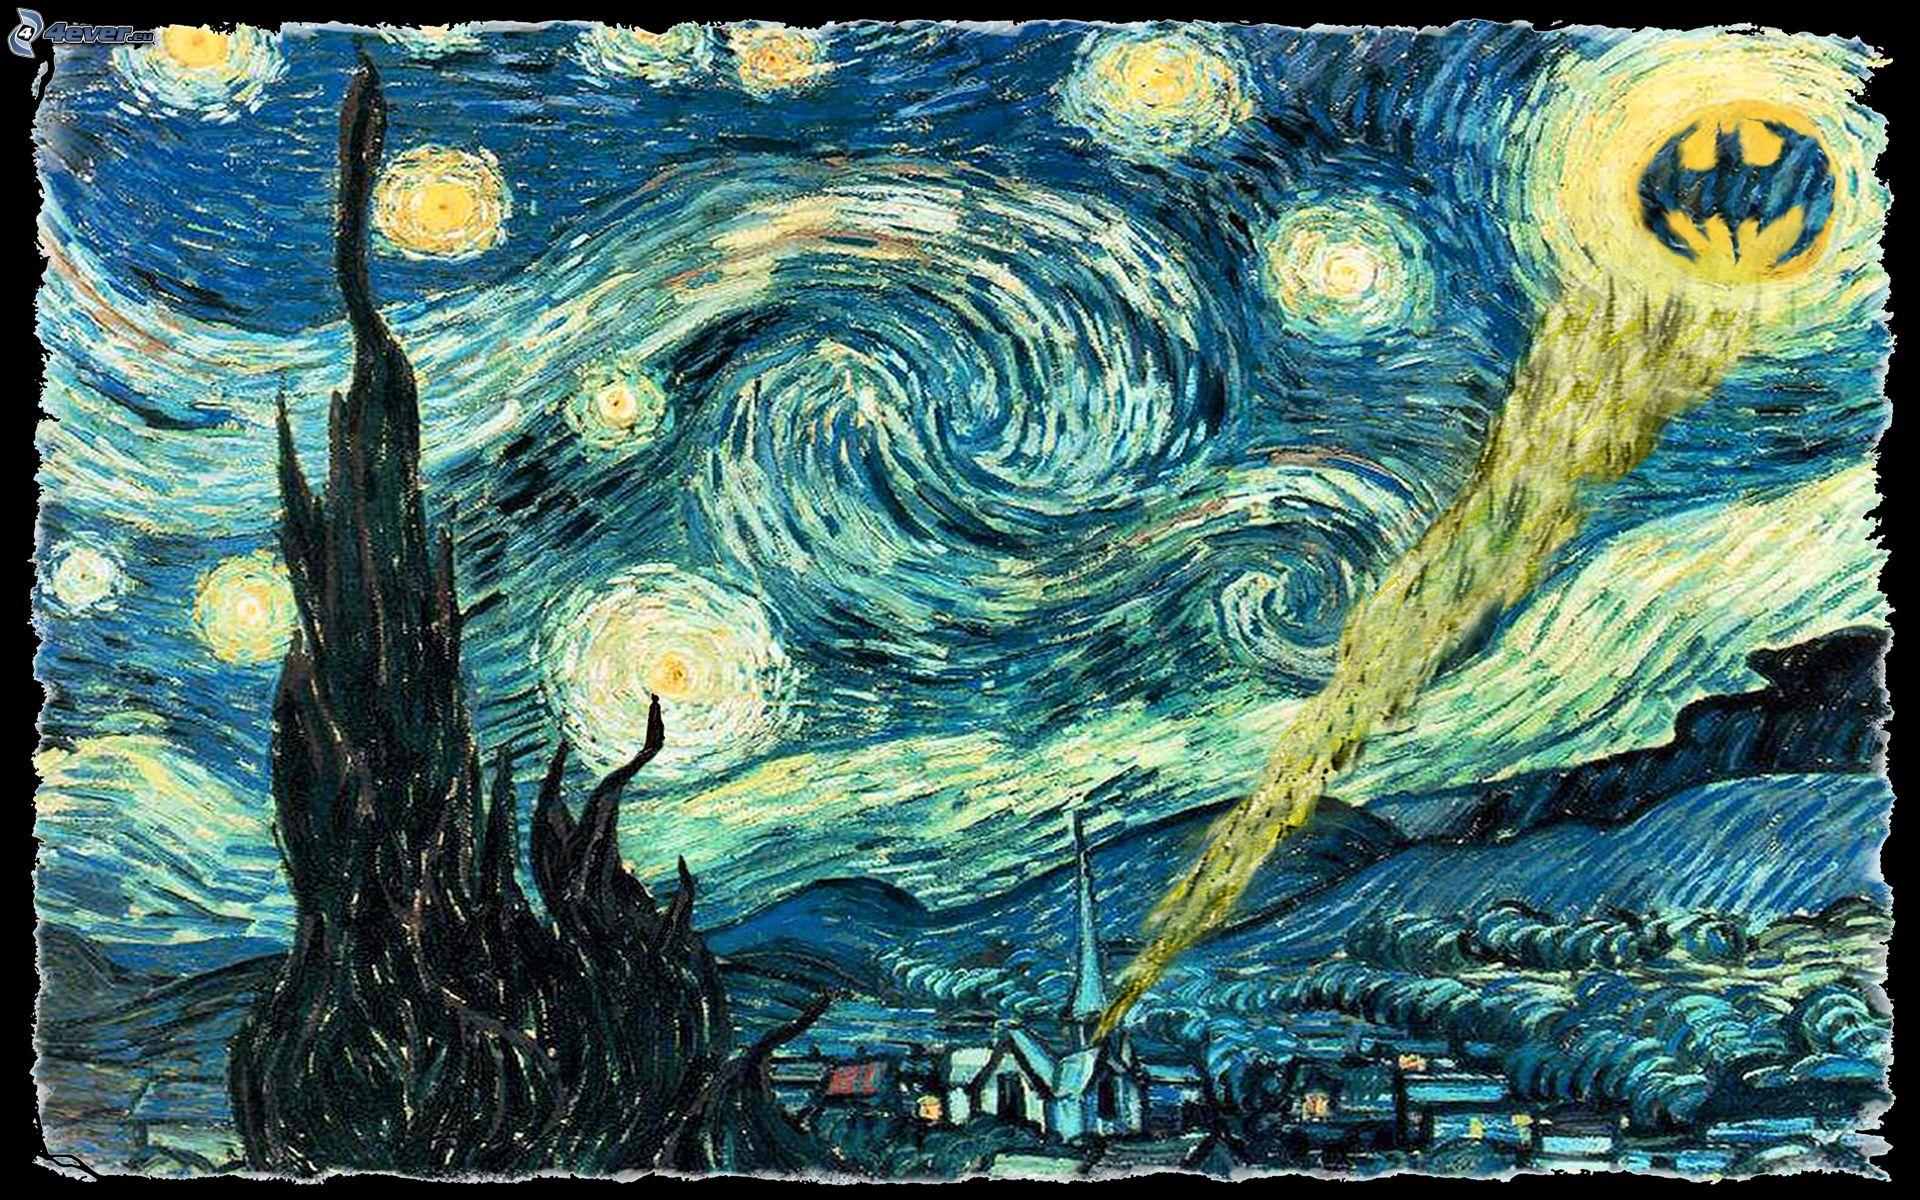 Batman Van Gogh Wallpaper - WallpaperSafari